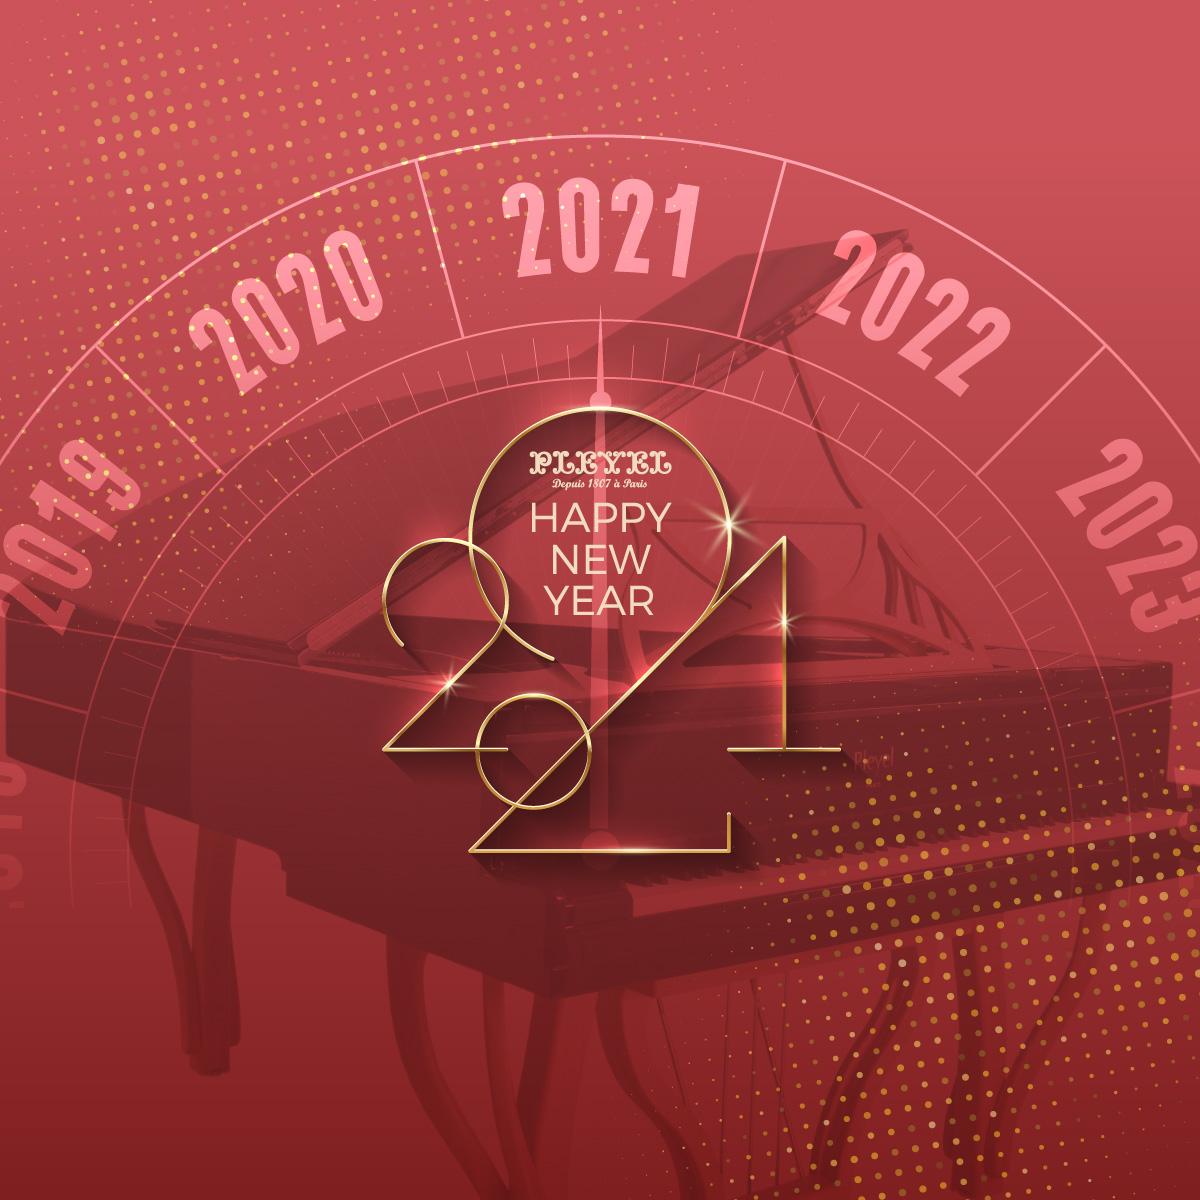 普雷耶与您一同开启熠熠新年!2021!